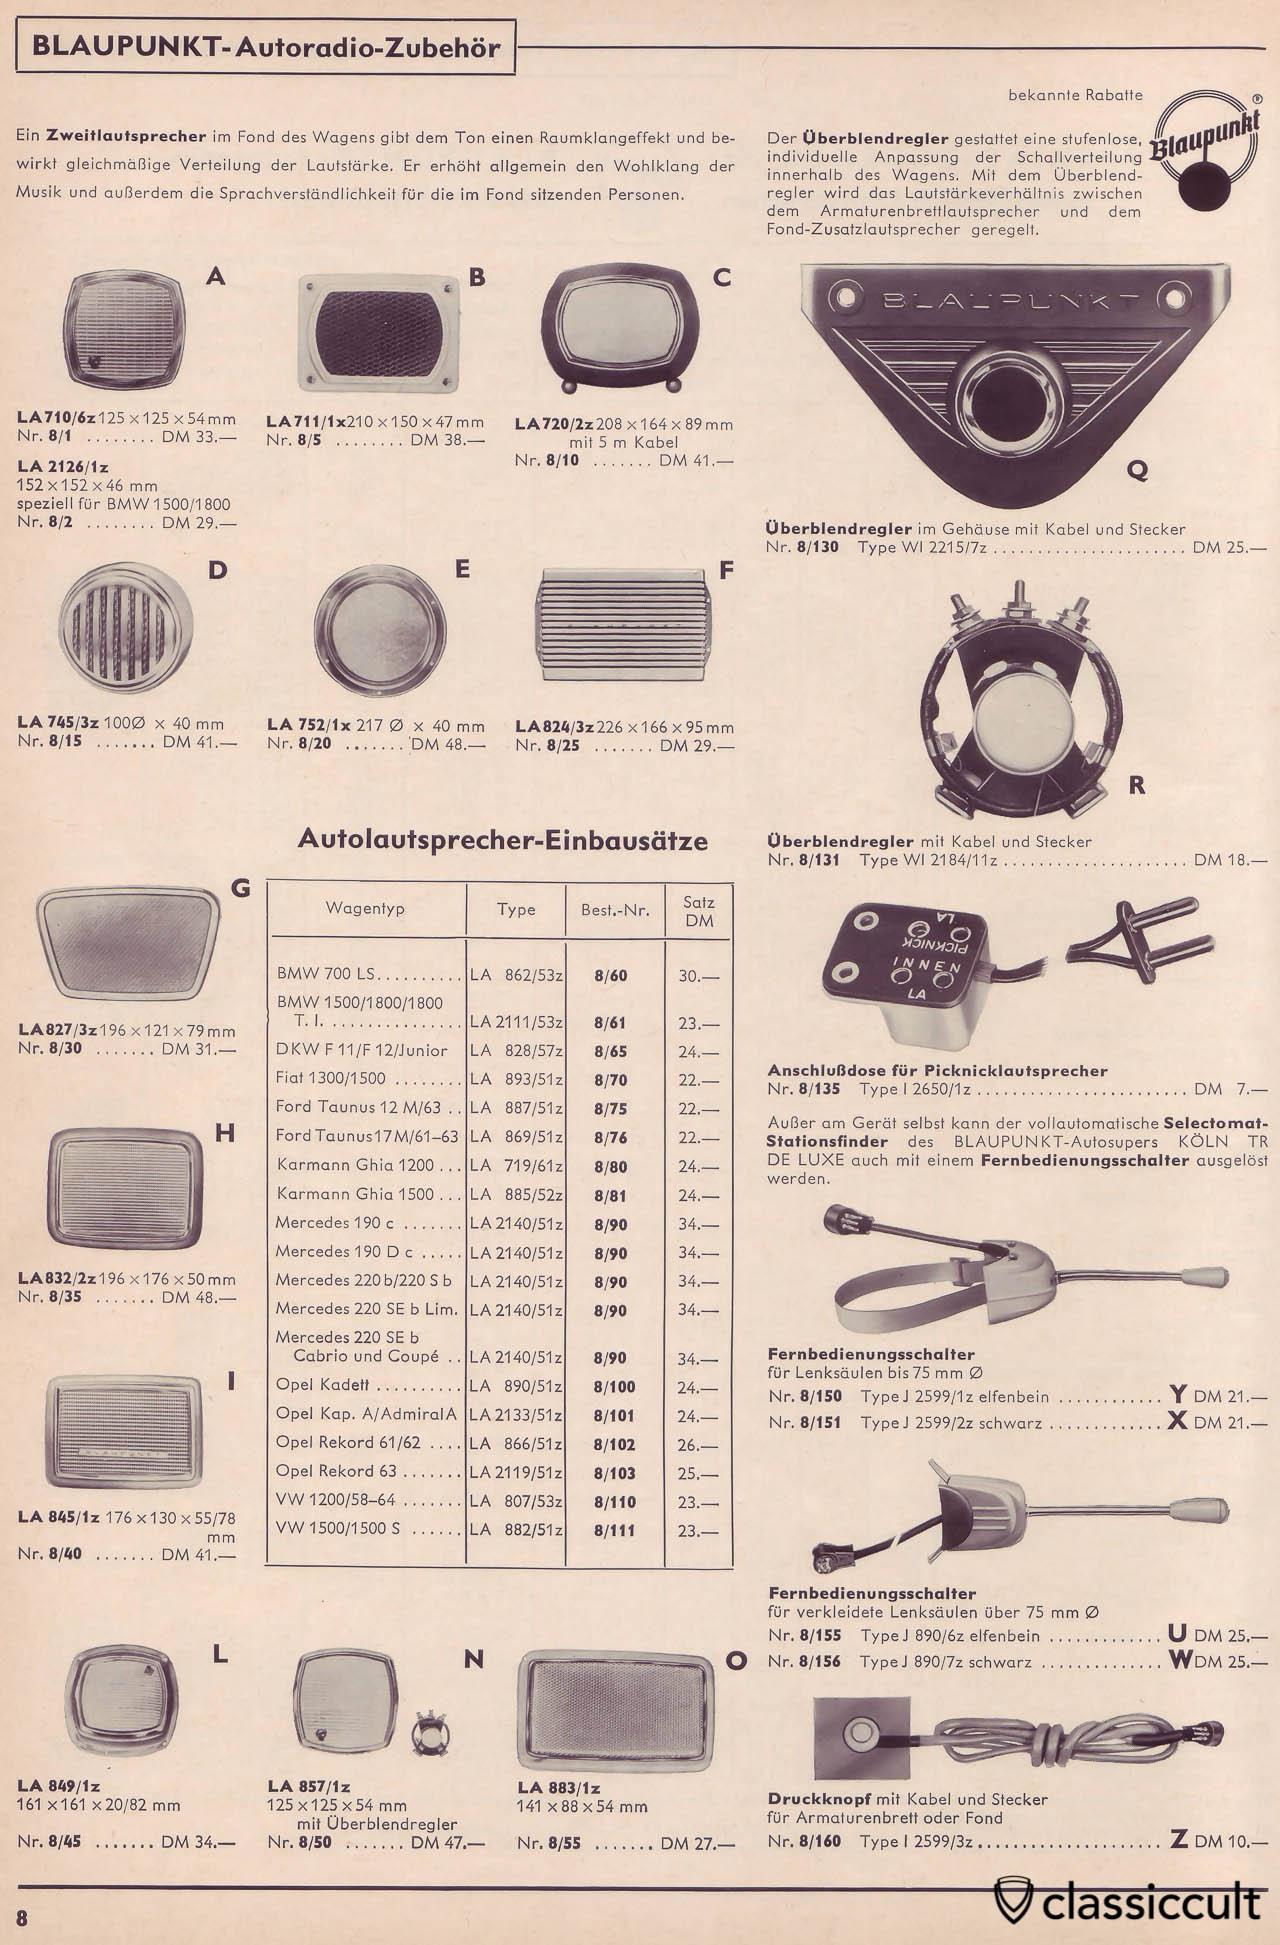 Blaupunkt Picnic Speaker Connector in Car Radio Accessories Catalog 1965